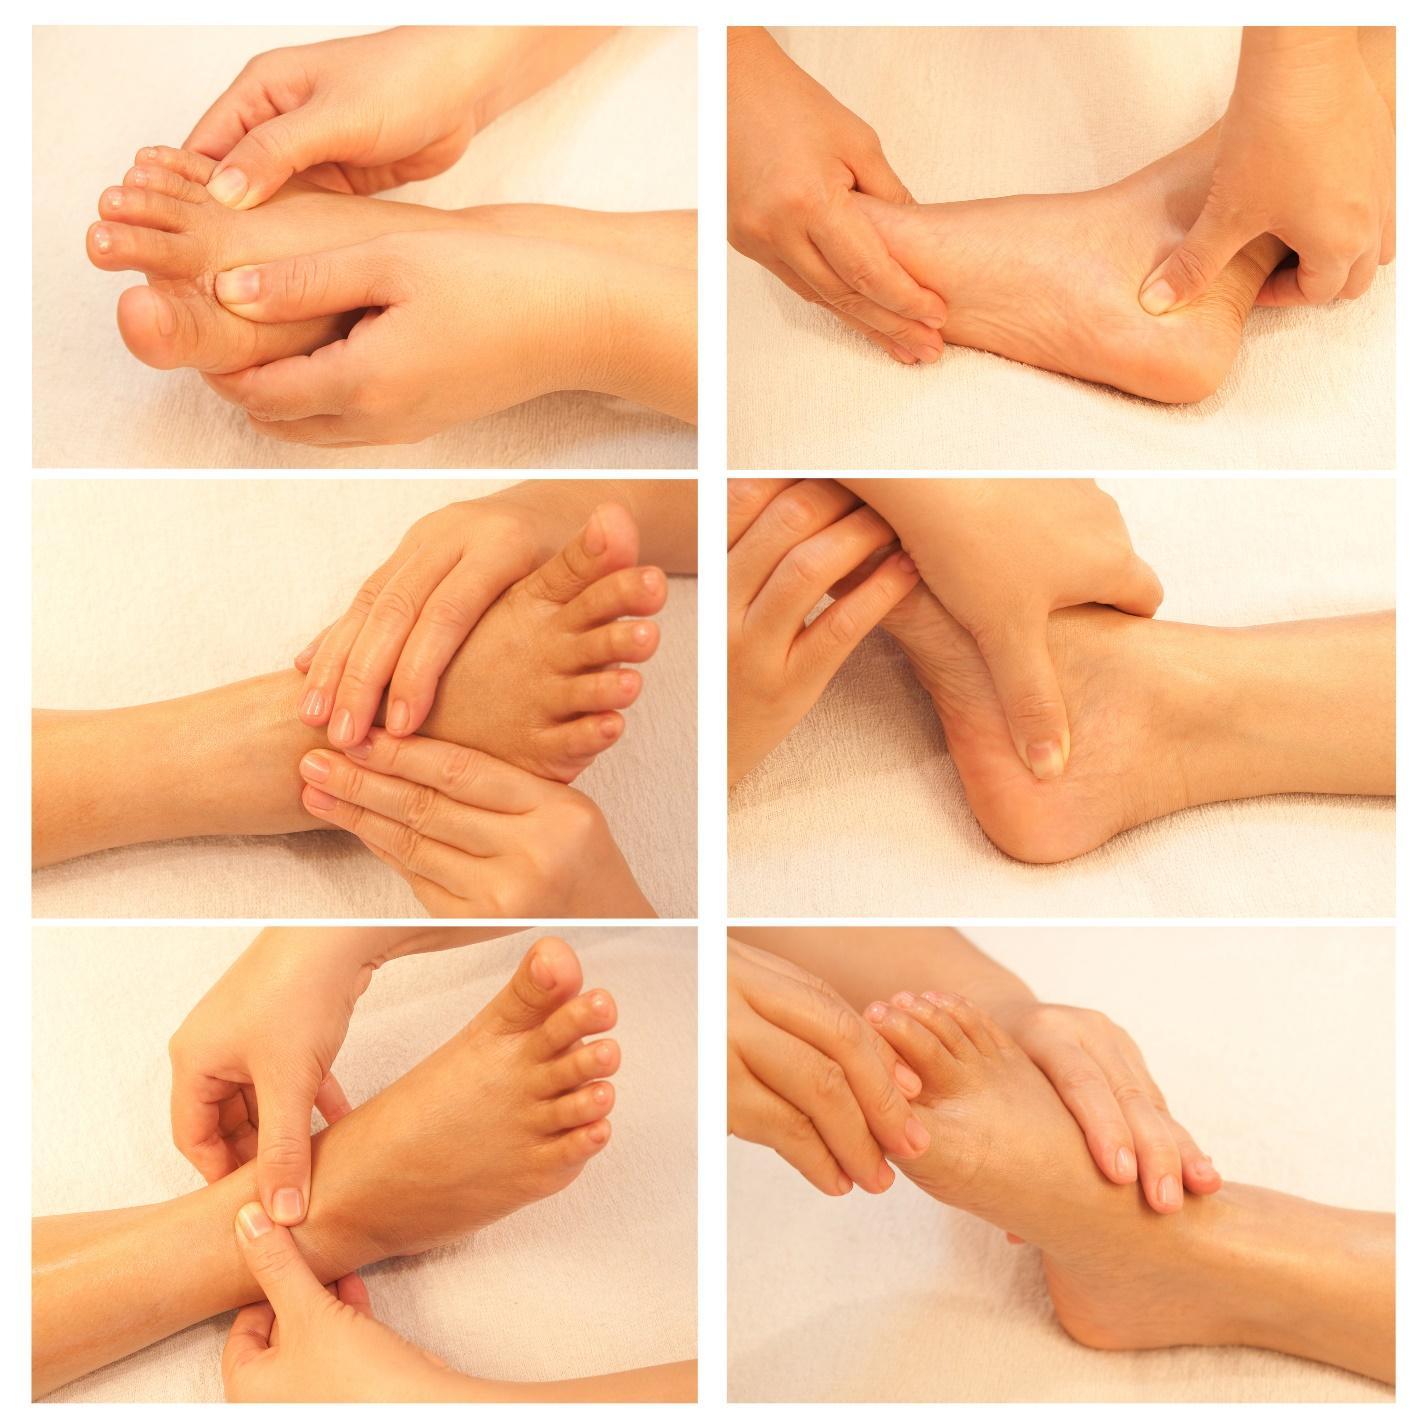 Как научиться массажу интимных зон профессионально?